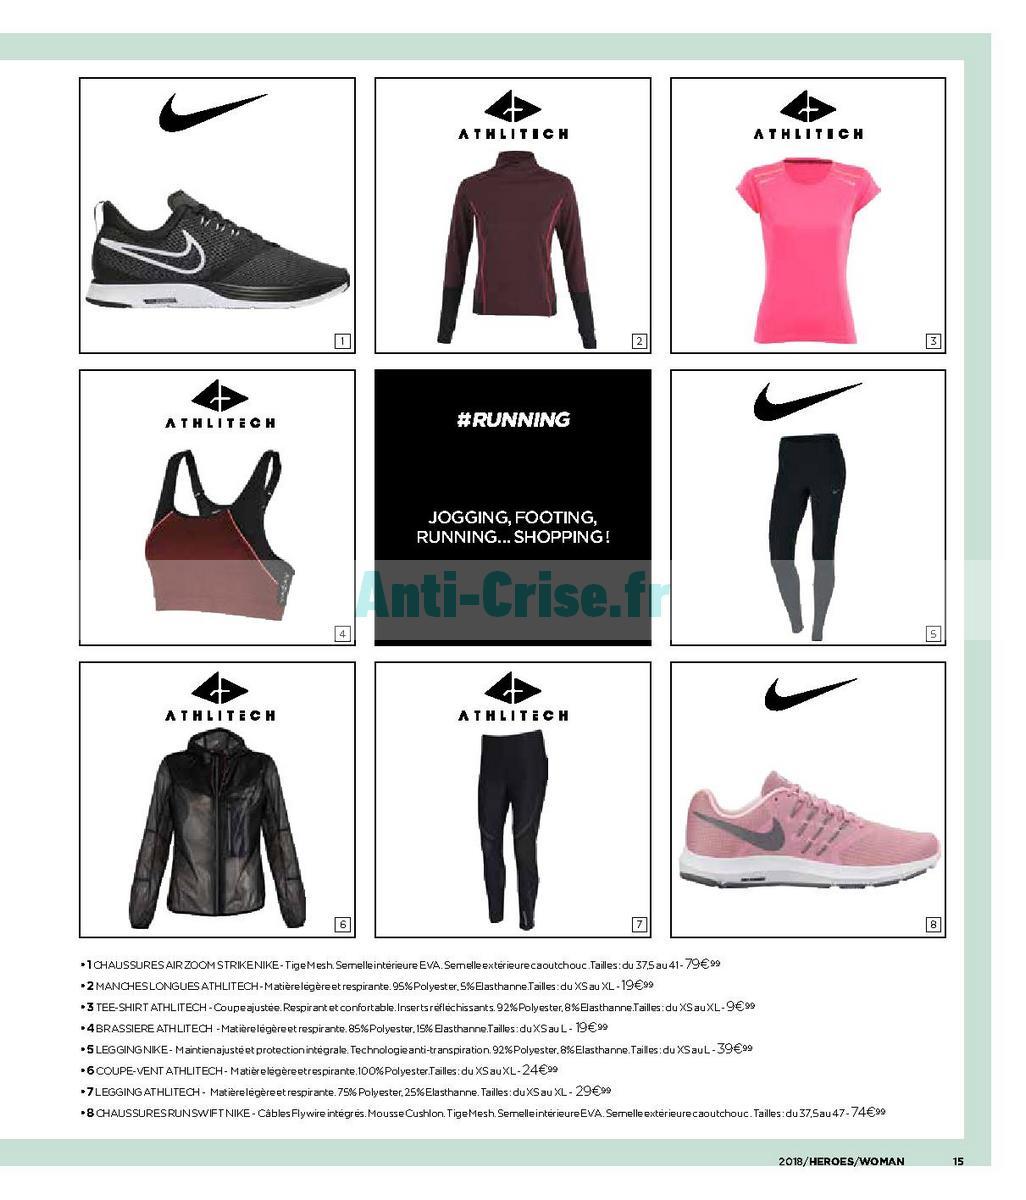 decembre2018 Catalogue Go Sport du 28 avril au 31 décembre 2018 (Spécial Femme) (15)